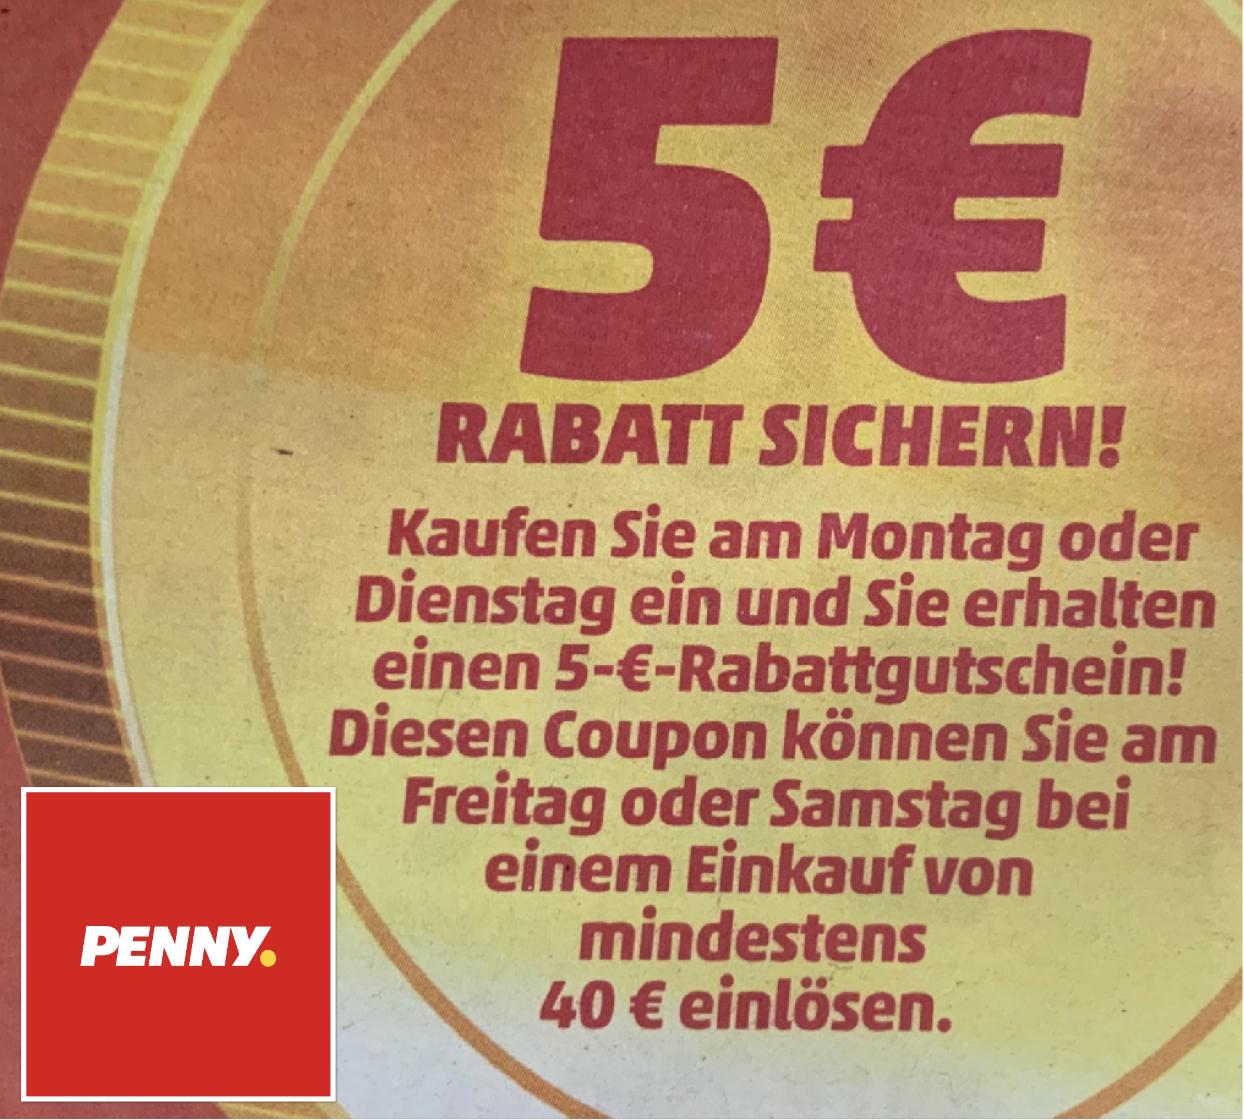 Montag o. Dienstag bei Penny einkaufen und 5€ Rabatt-Gutschein für den nächsten Einkauf erhalten (MBW 40)